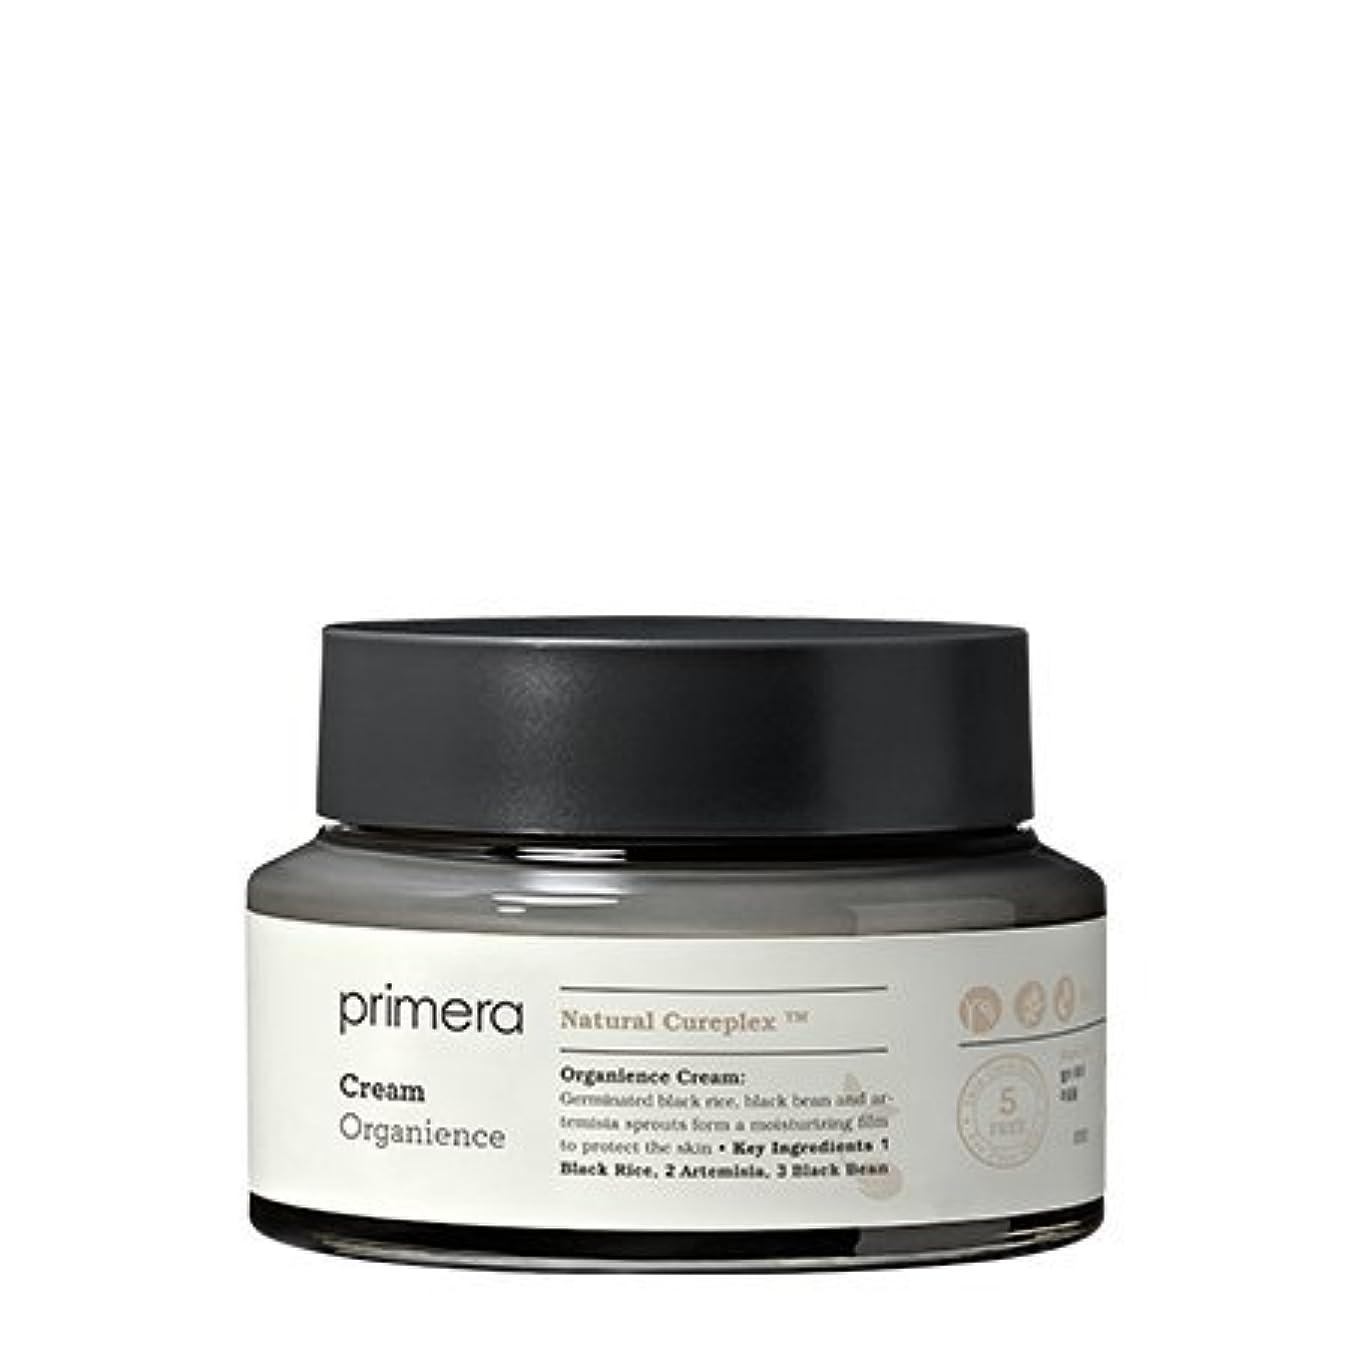 十年クラックポットファッション【Primera】Organience Cream - 30ml (韓国直送品) (SHOPPINGINSTAGRAM)